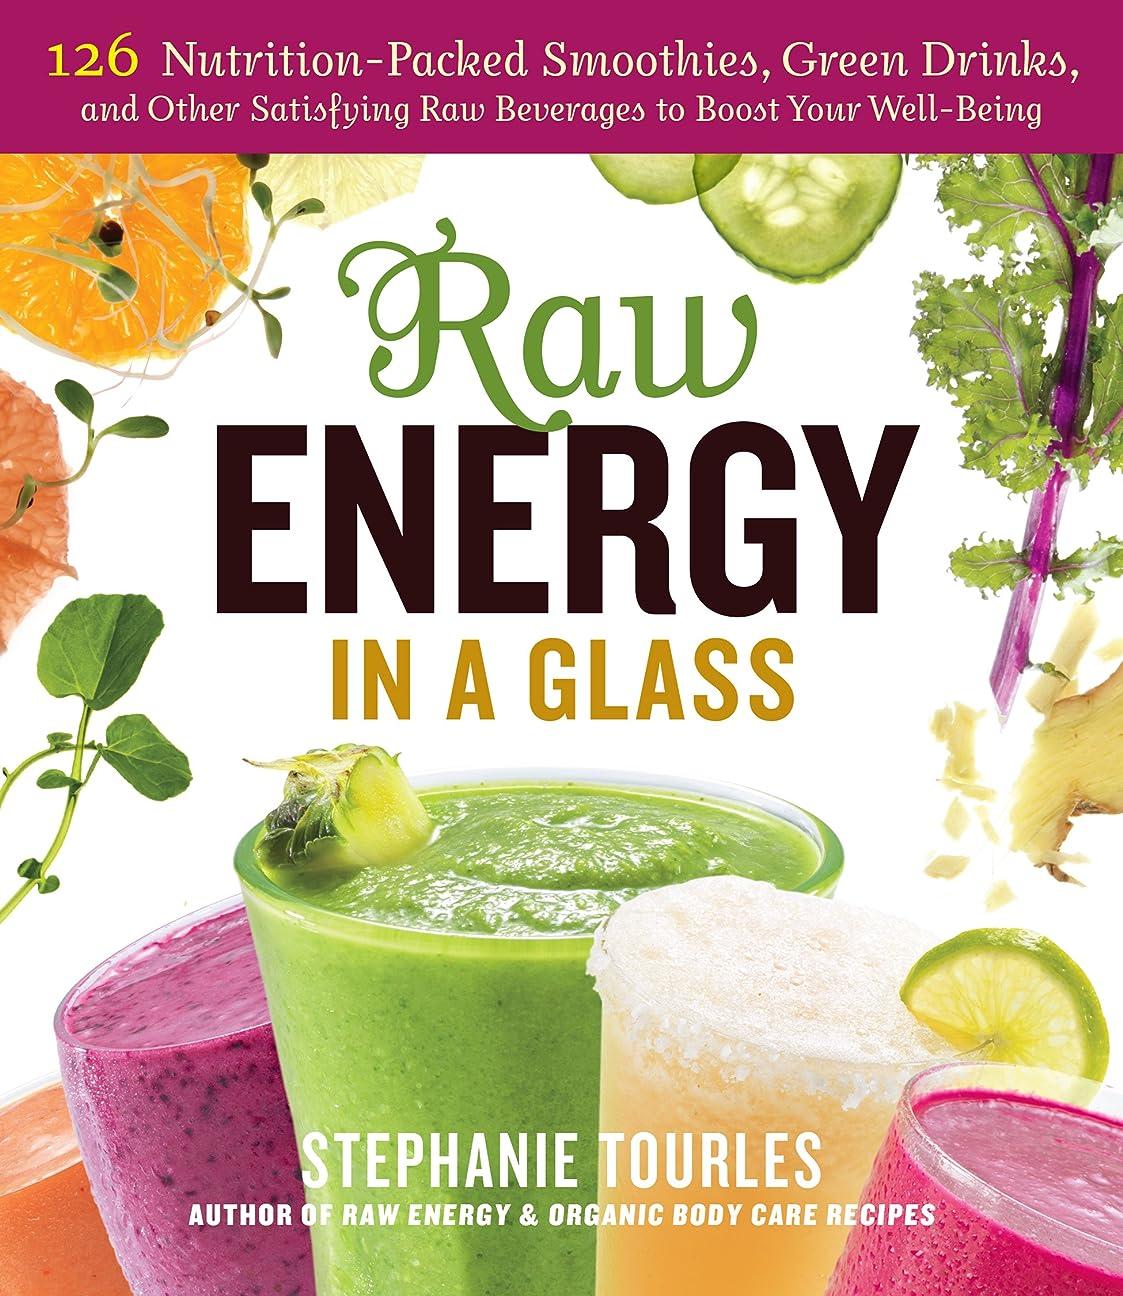 魂デクリメントつま先The Juice Lady's Guide To Juicing for Health: Unleashing the Healing Power of Whole Fruits and Vegetables Revised Edition (English Edition)